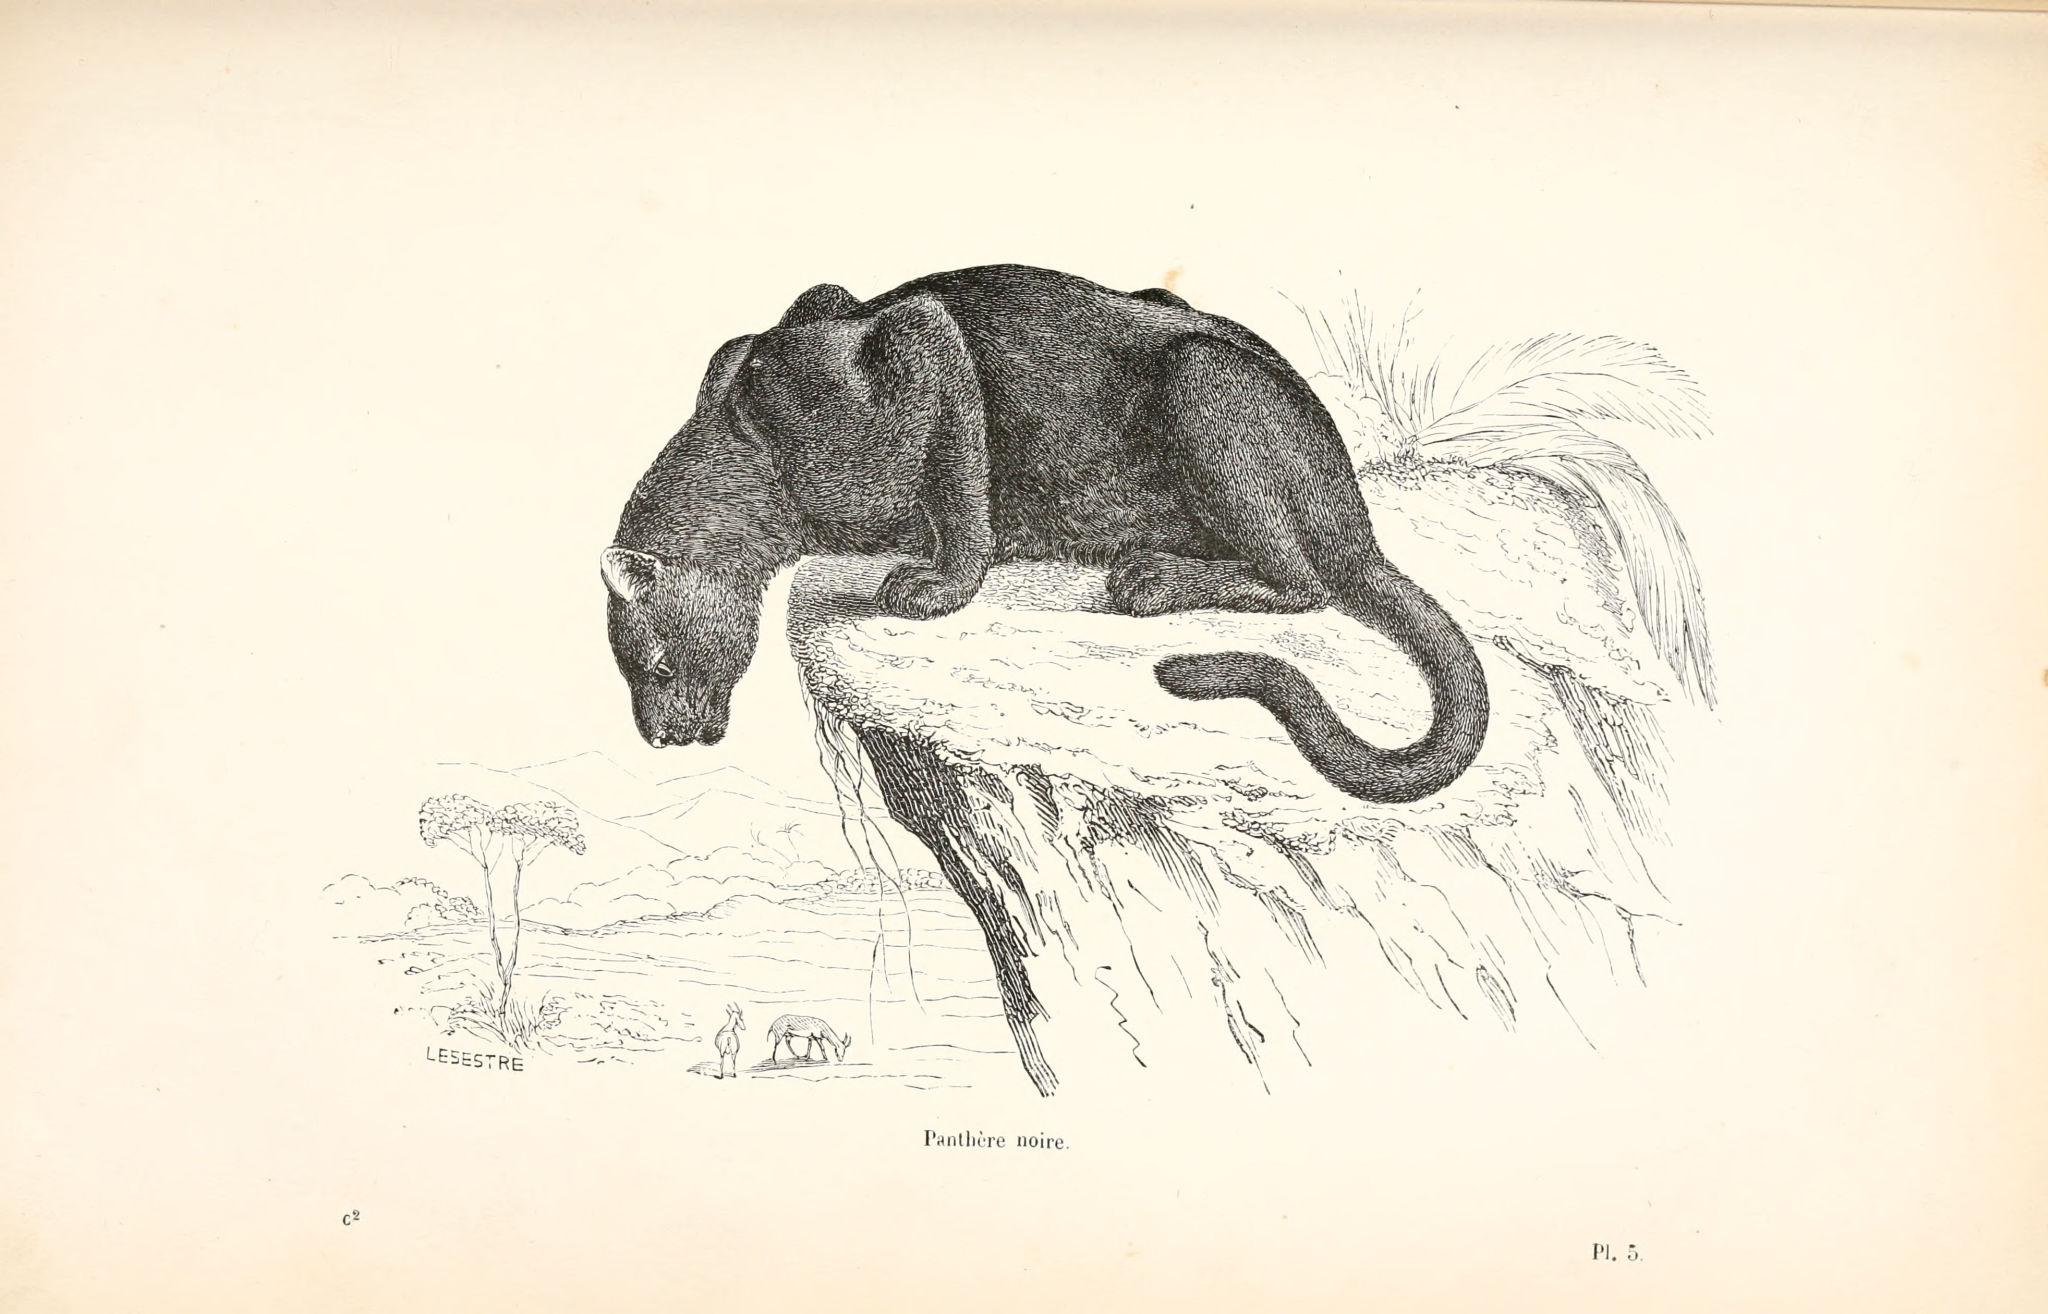 Dessins Animaux Histoire Naturelle Animaux 457 Panthere Noire Gravures Illustrations Dessins Images